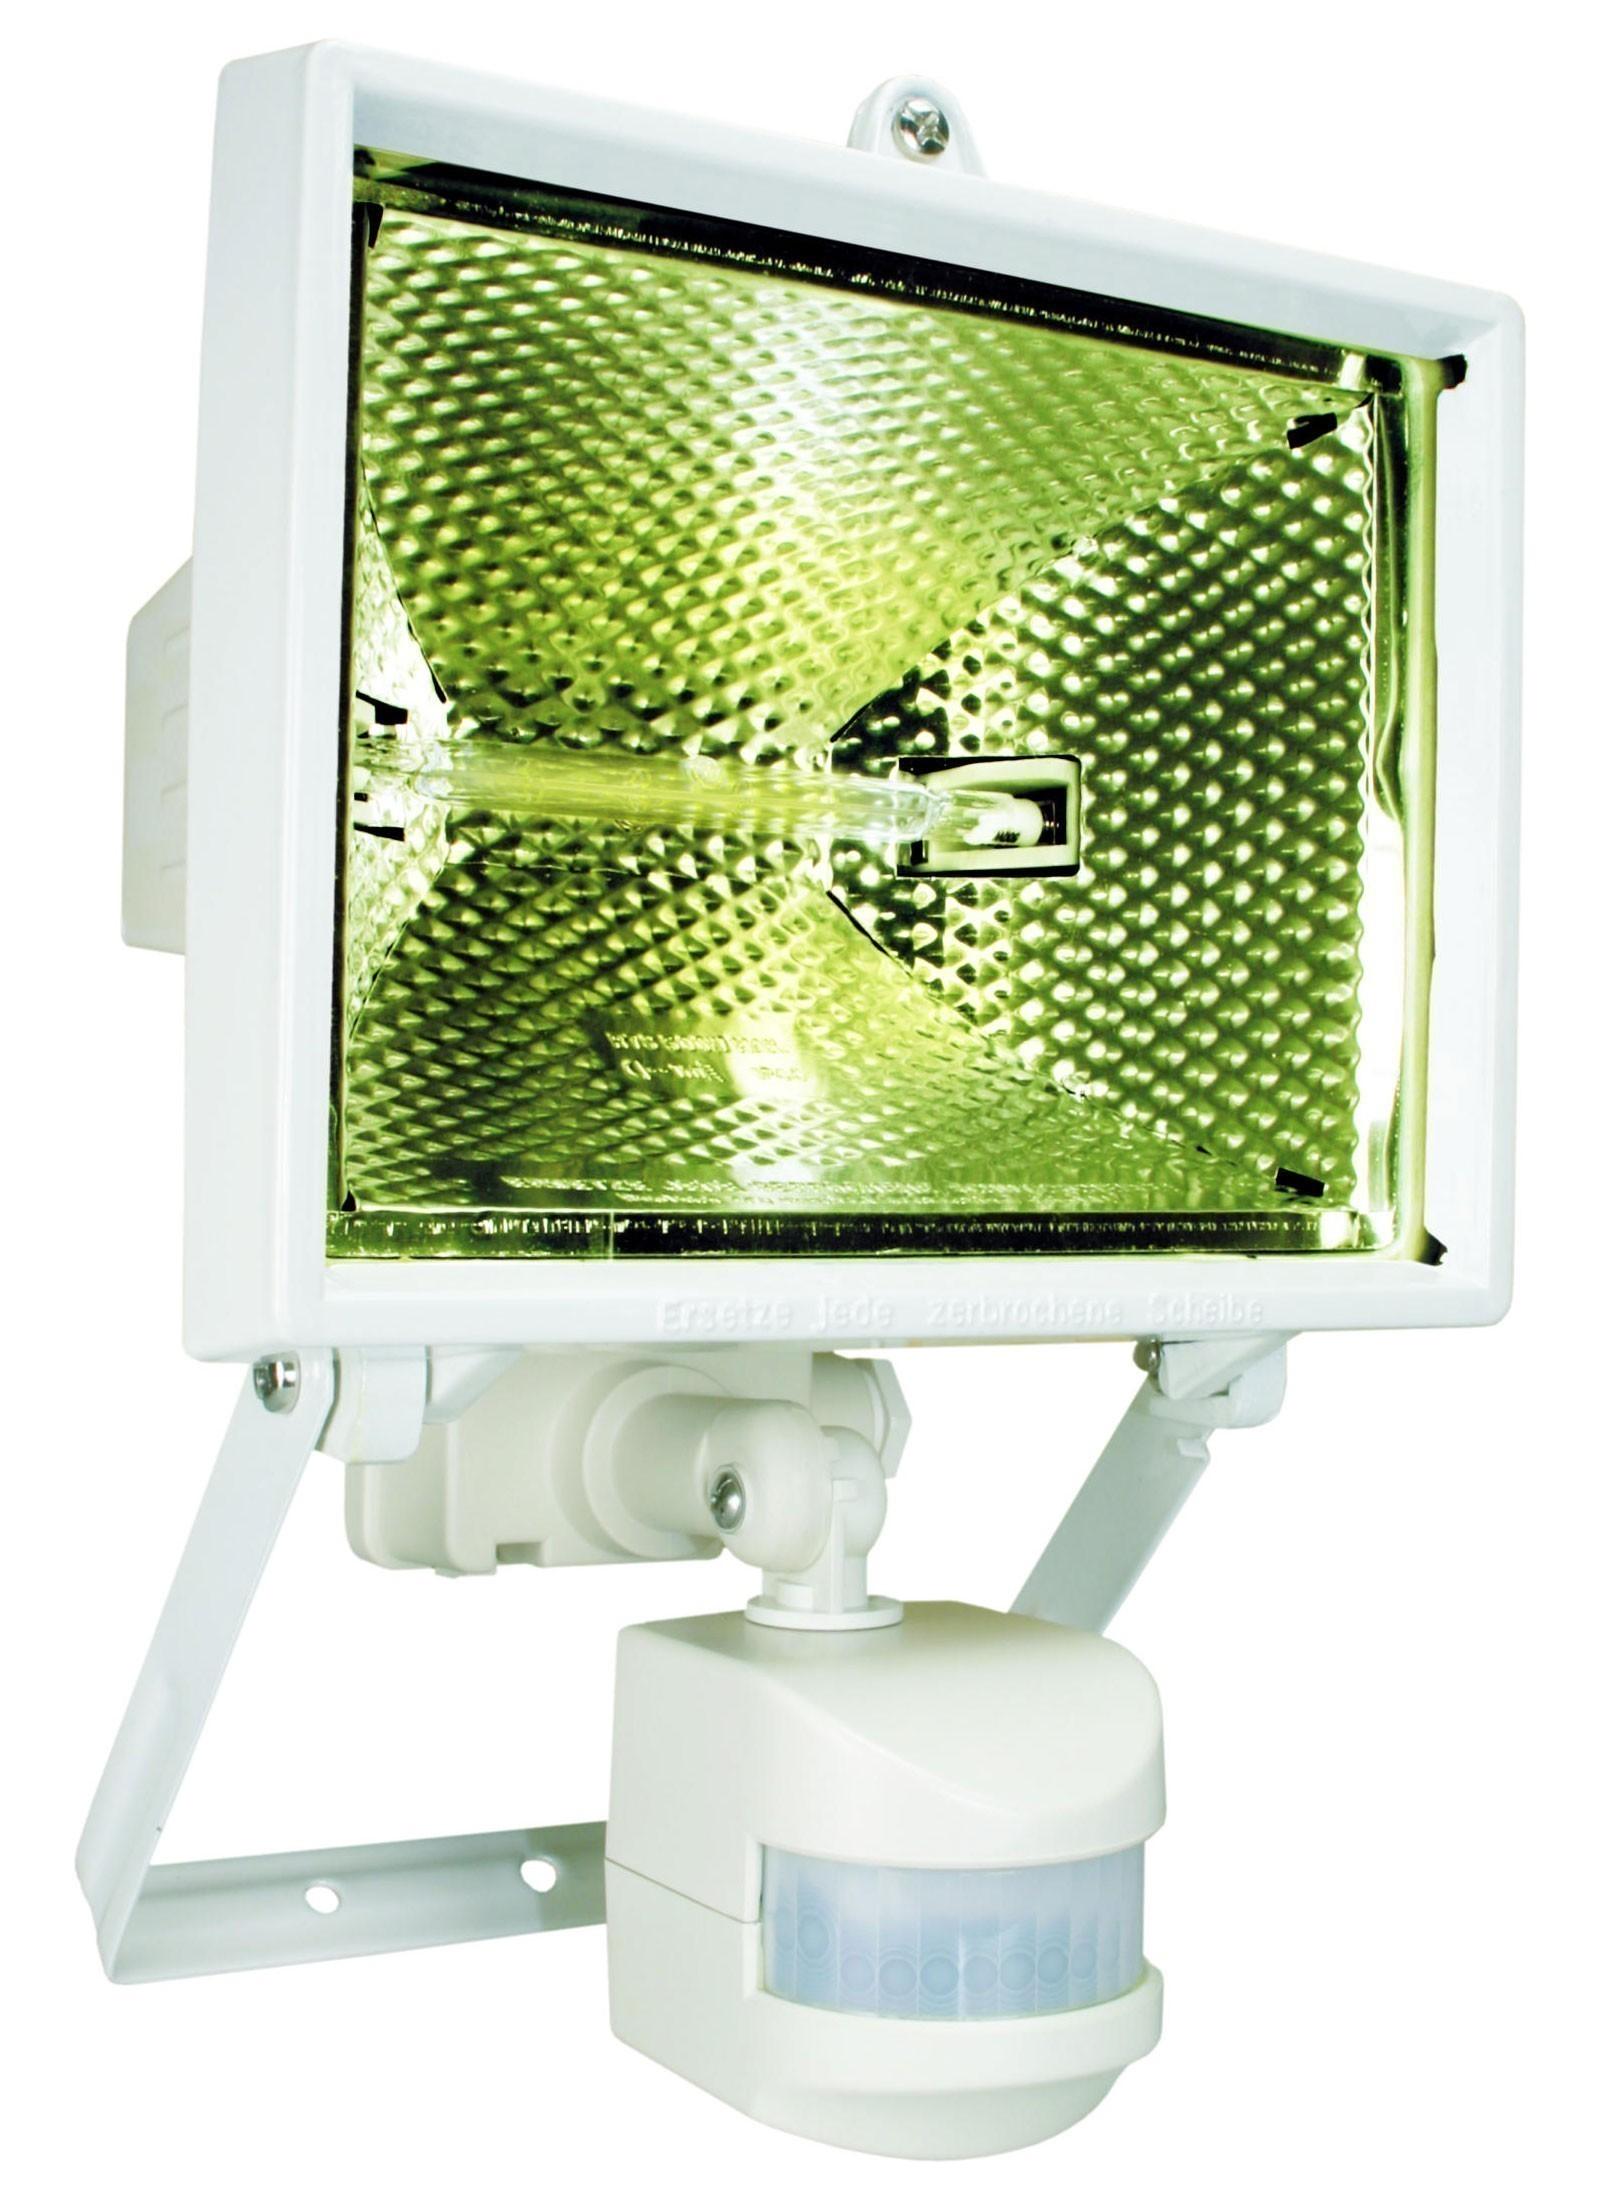 Halogenstrahler mit Bewegungsmelder Smartwares IP44 weiß 400 Watt Bild 1